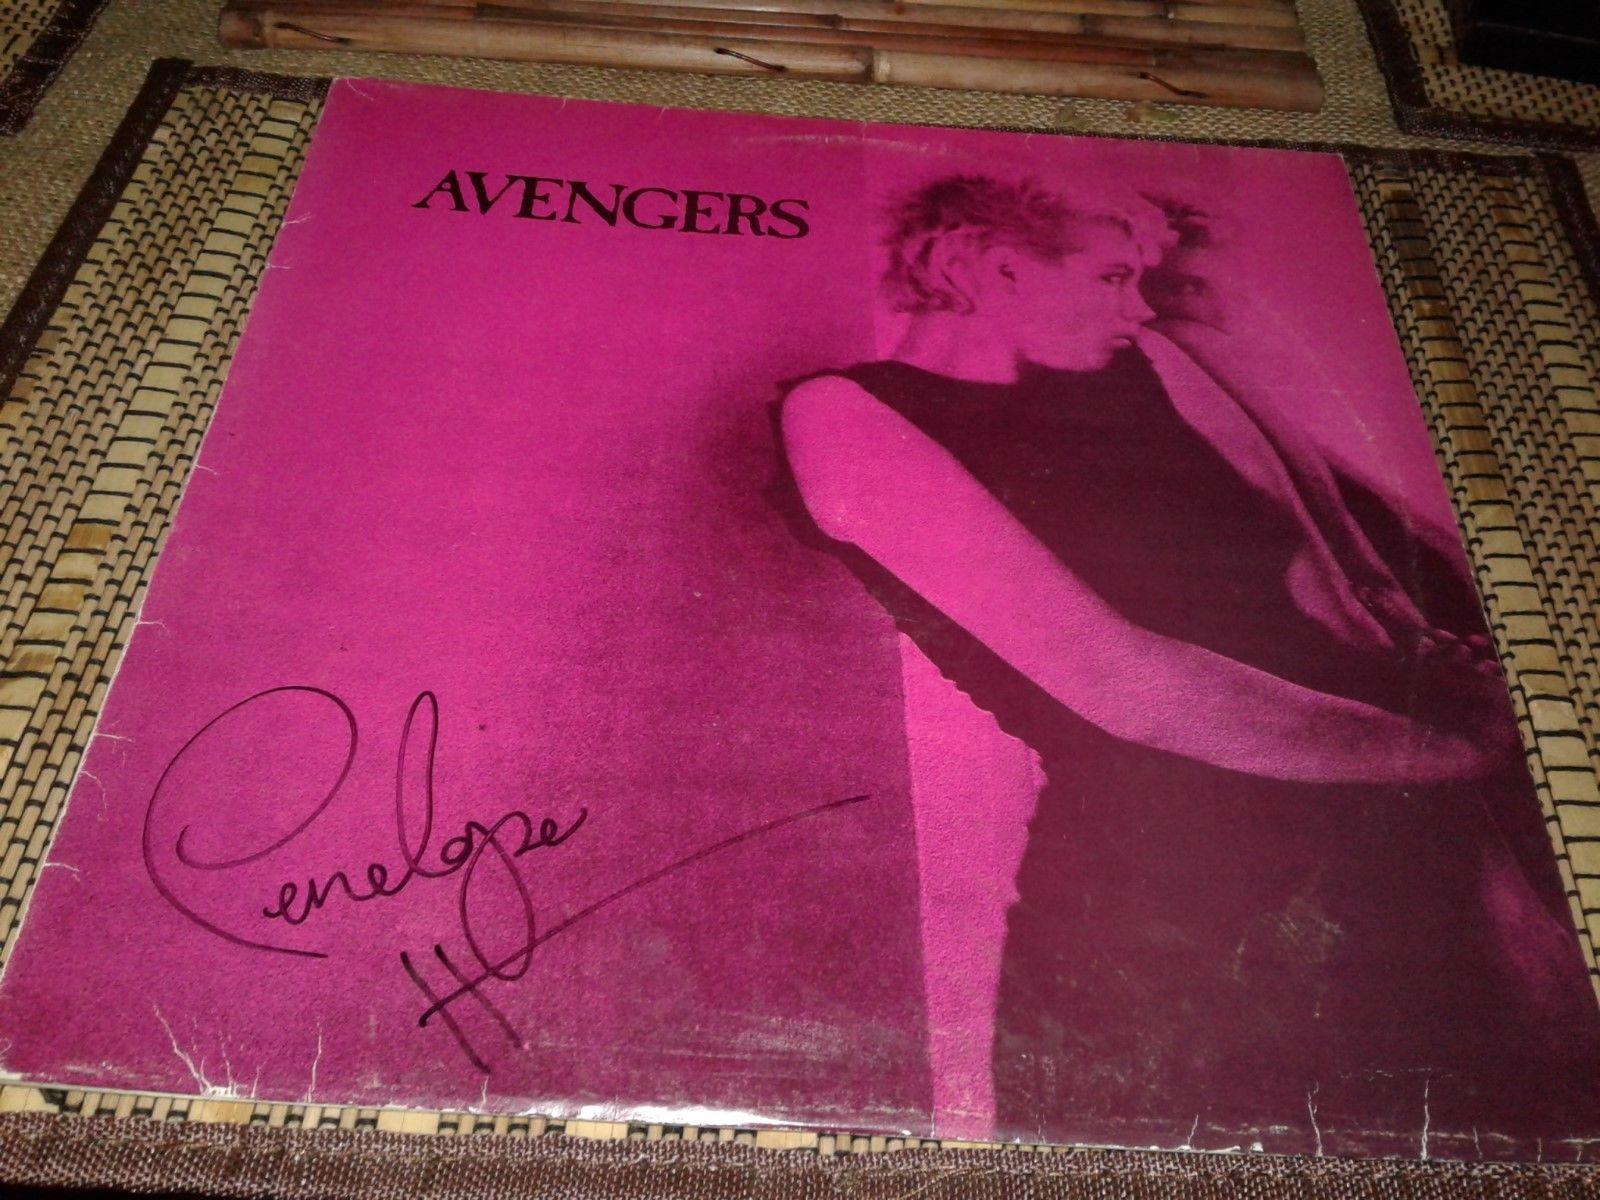 Avengers Vinyl Album Signed Penelope Houston Punk 1977 Clash Sex Pistols fans